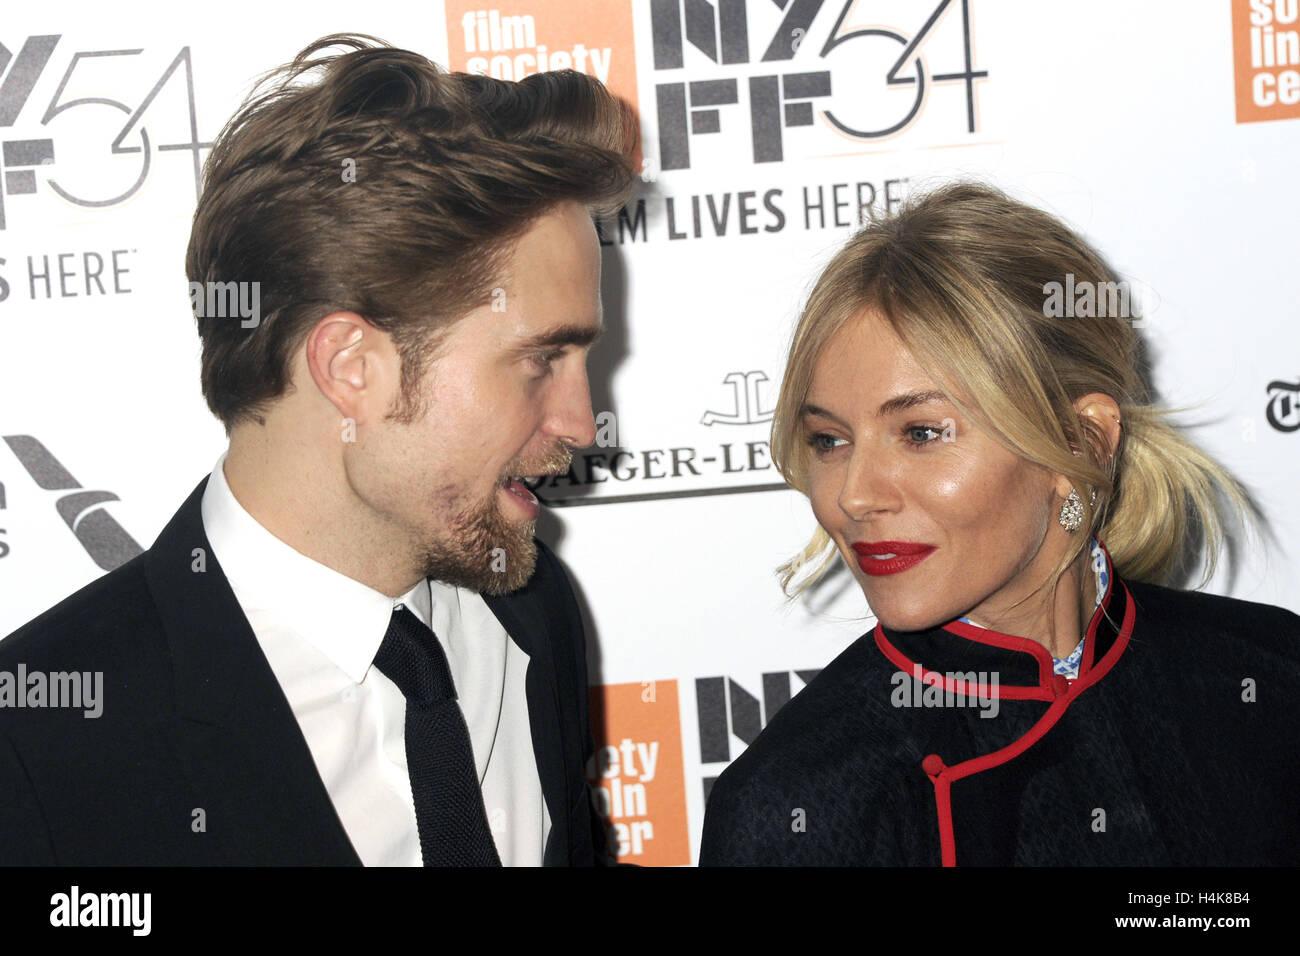 """La Ciudad de Nueva York. 15 Oct, 2016. Robert Pattinson y Sienna Miller asistir a """"La Ciudad Perdida de Z' Imagen De Stock"""